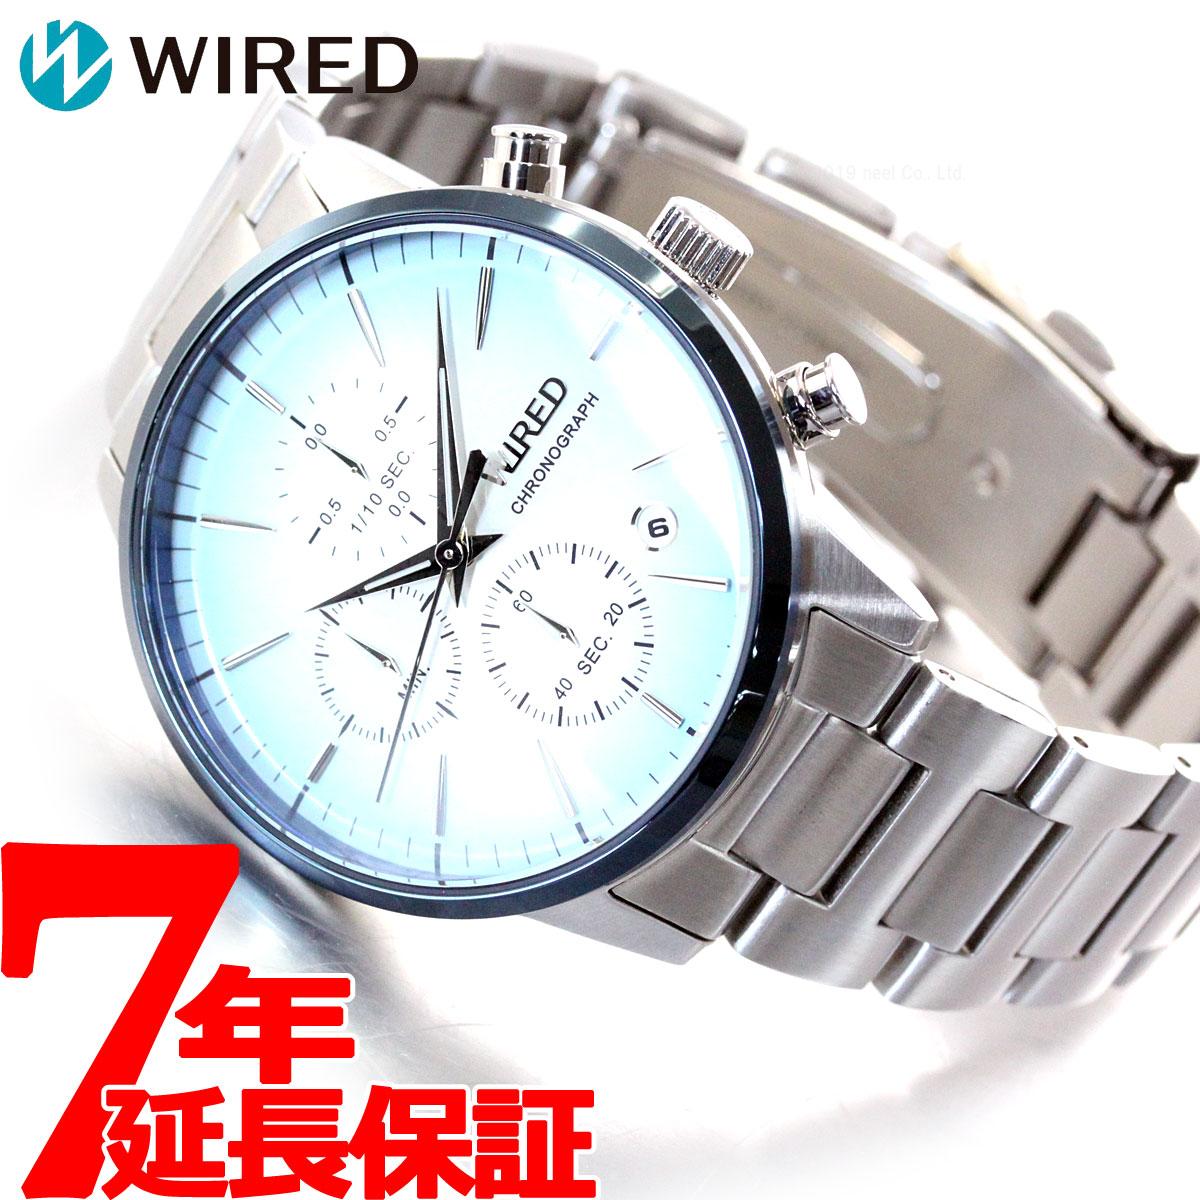 セイコー ワイアード SEIKO WIRED neel限定 メンズノンノ WEB掲載モデル 腕時計 メンズ TOKYO SORA AGAT736